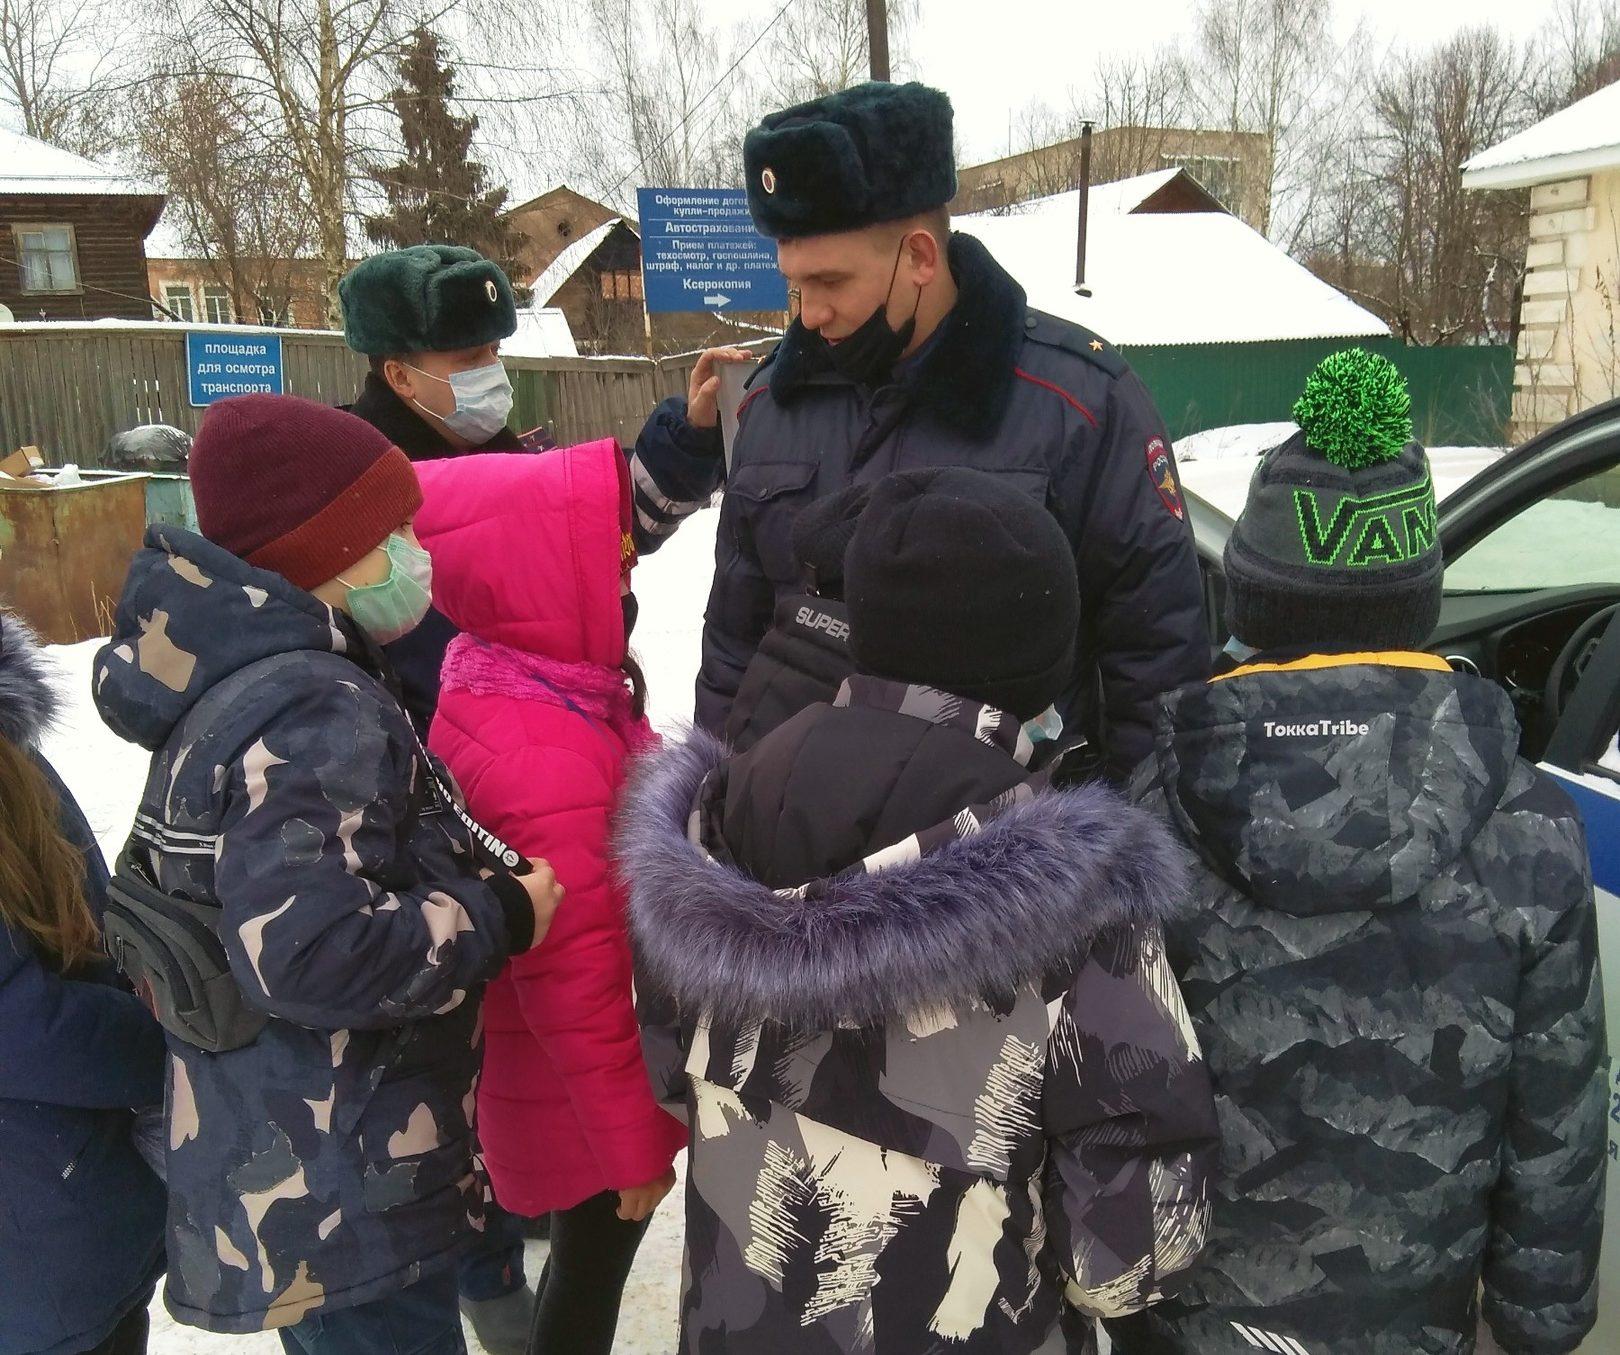 Школьников из Тверской области отвезли в ГИБДД